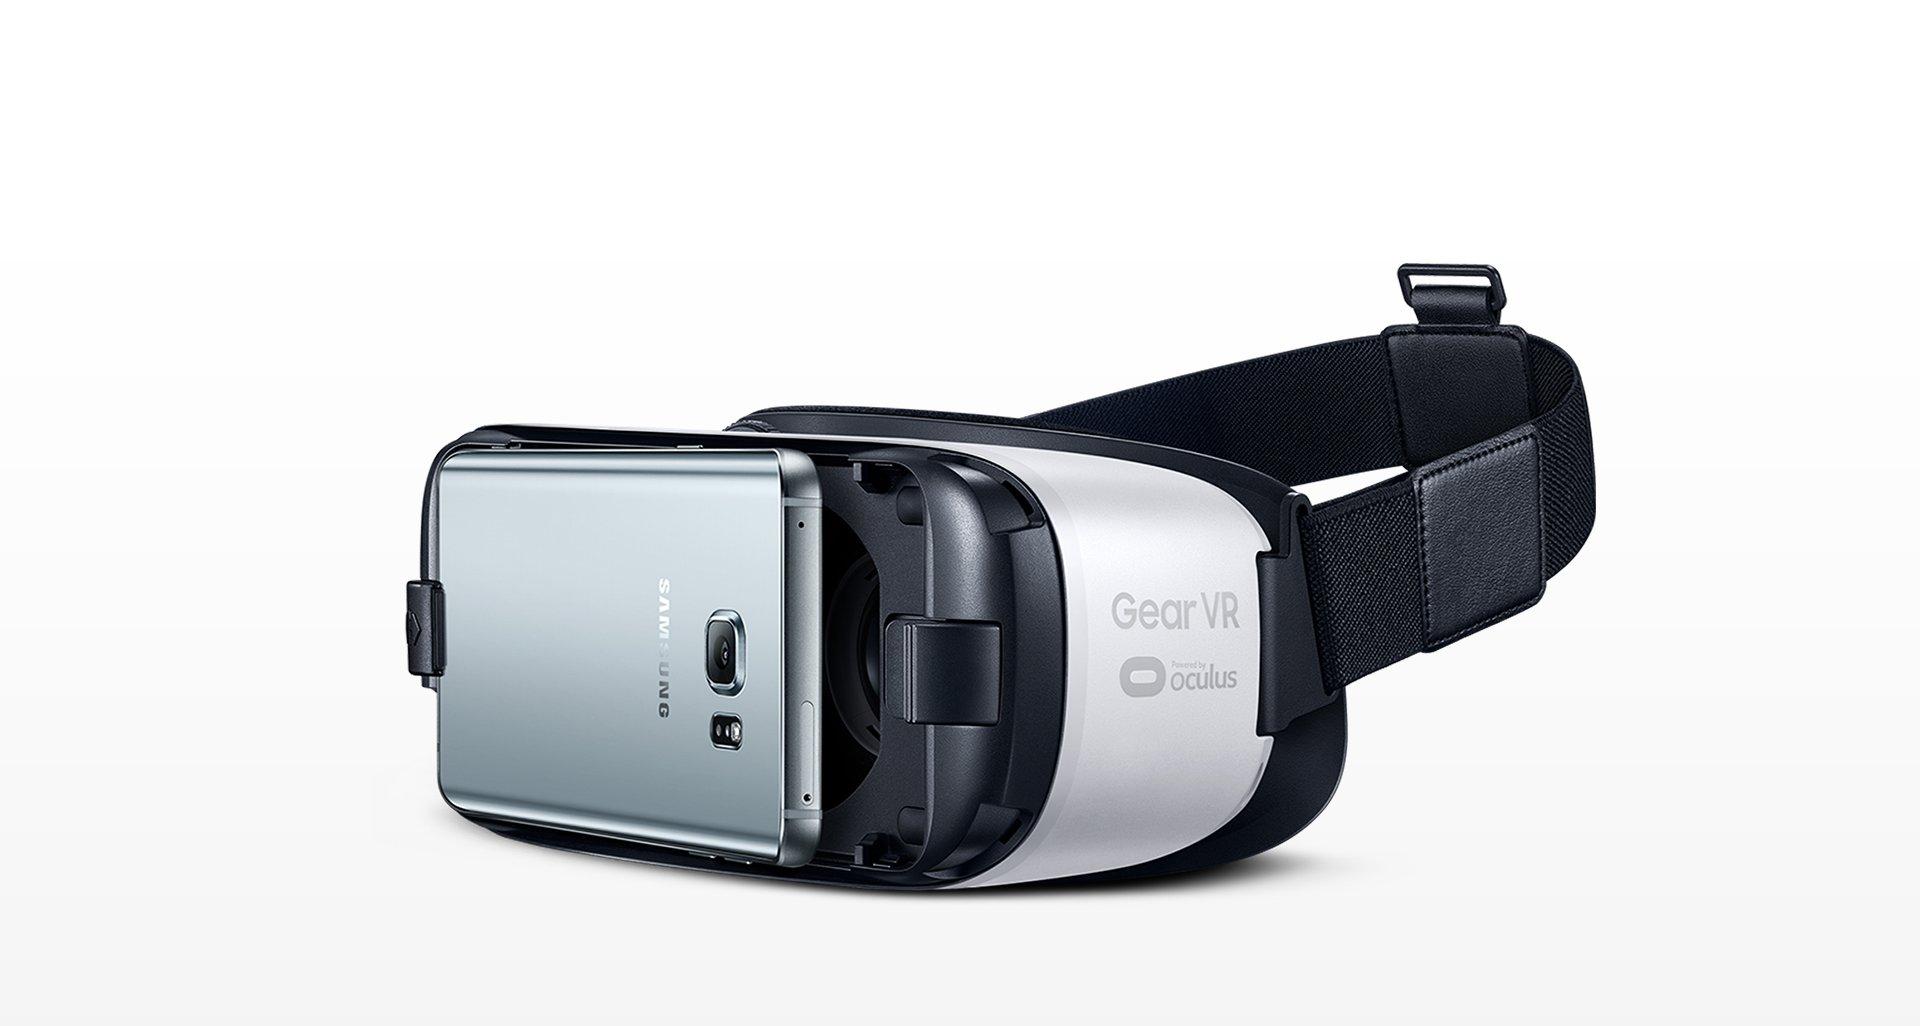 Okulary Samsunga - Gear VR - sprzedały się już w ponad 5 milionach egzemplarzy 27